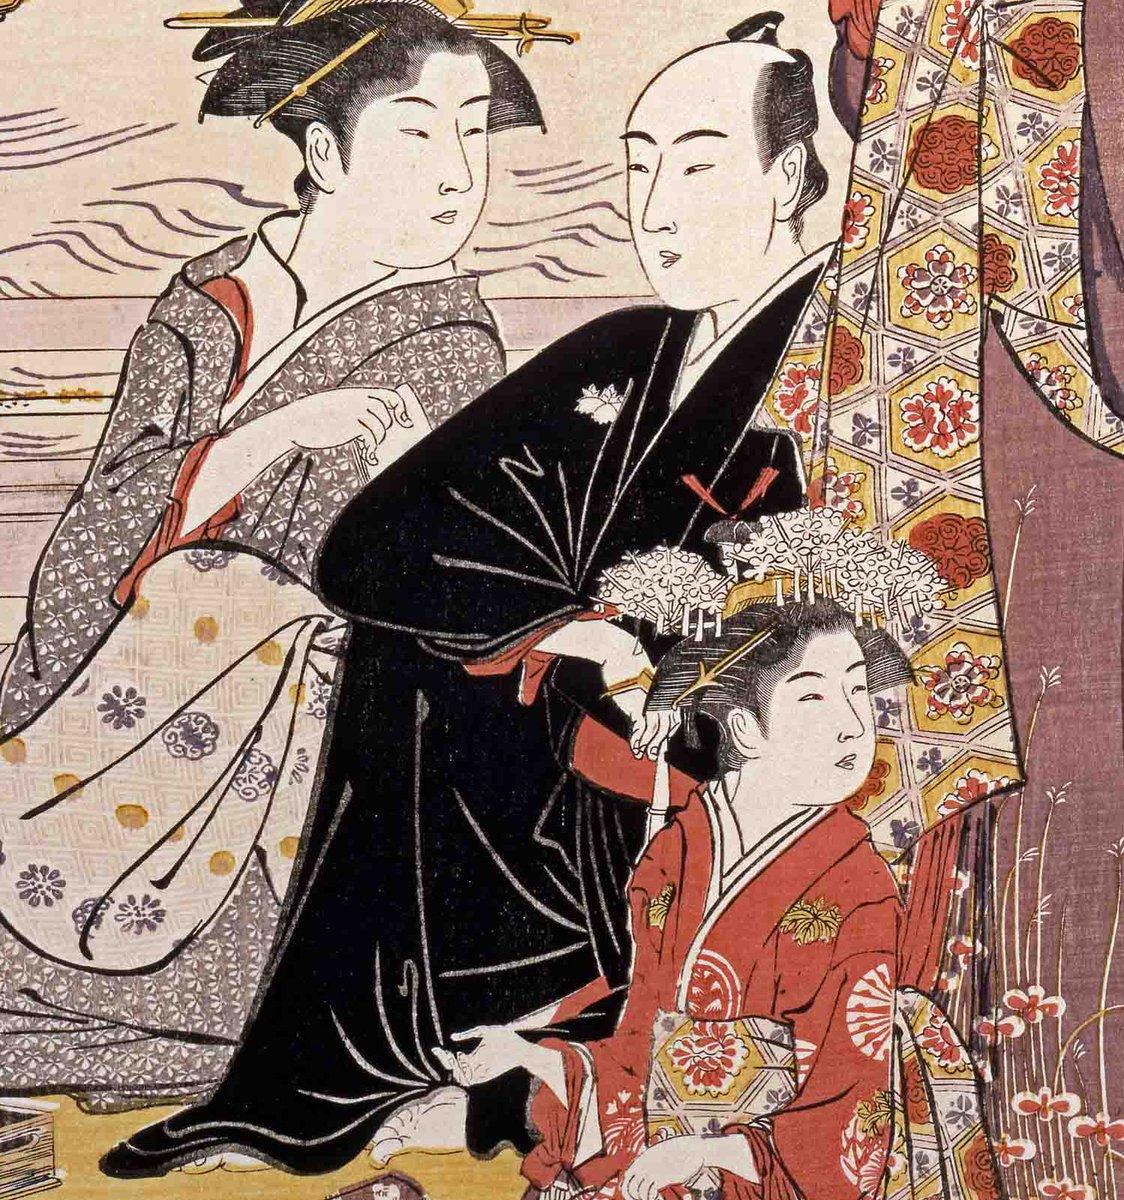 test ツイッターメディア - 男性のファッションにも注目。スマートに遊ぶ通人に好まれた、黒の小袖に緋色の博多帯をしめたコーディネートです。切腹したように見えたことから「腹切帯(はらきりおび)」と呼ばれました。原宿の太田記念美術館で開催中「#花魁ファッション」(前期:~11/25)展にて展示中。 https://t.co/pzZPIzonrK